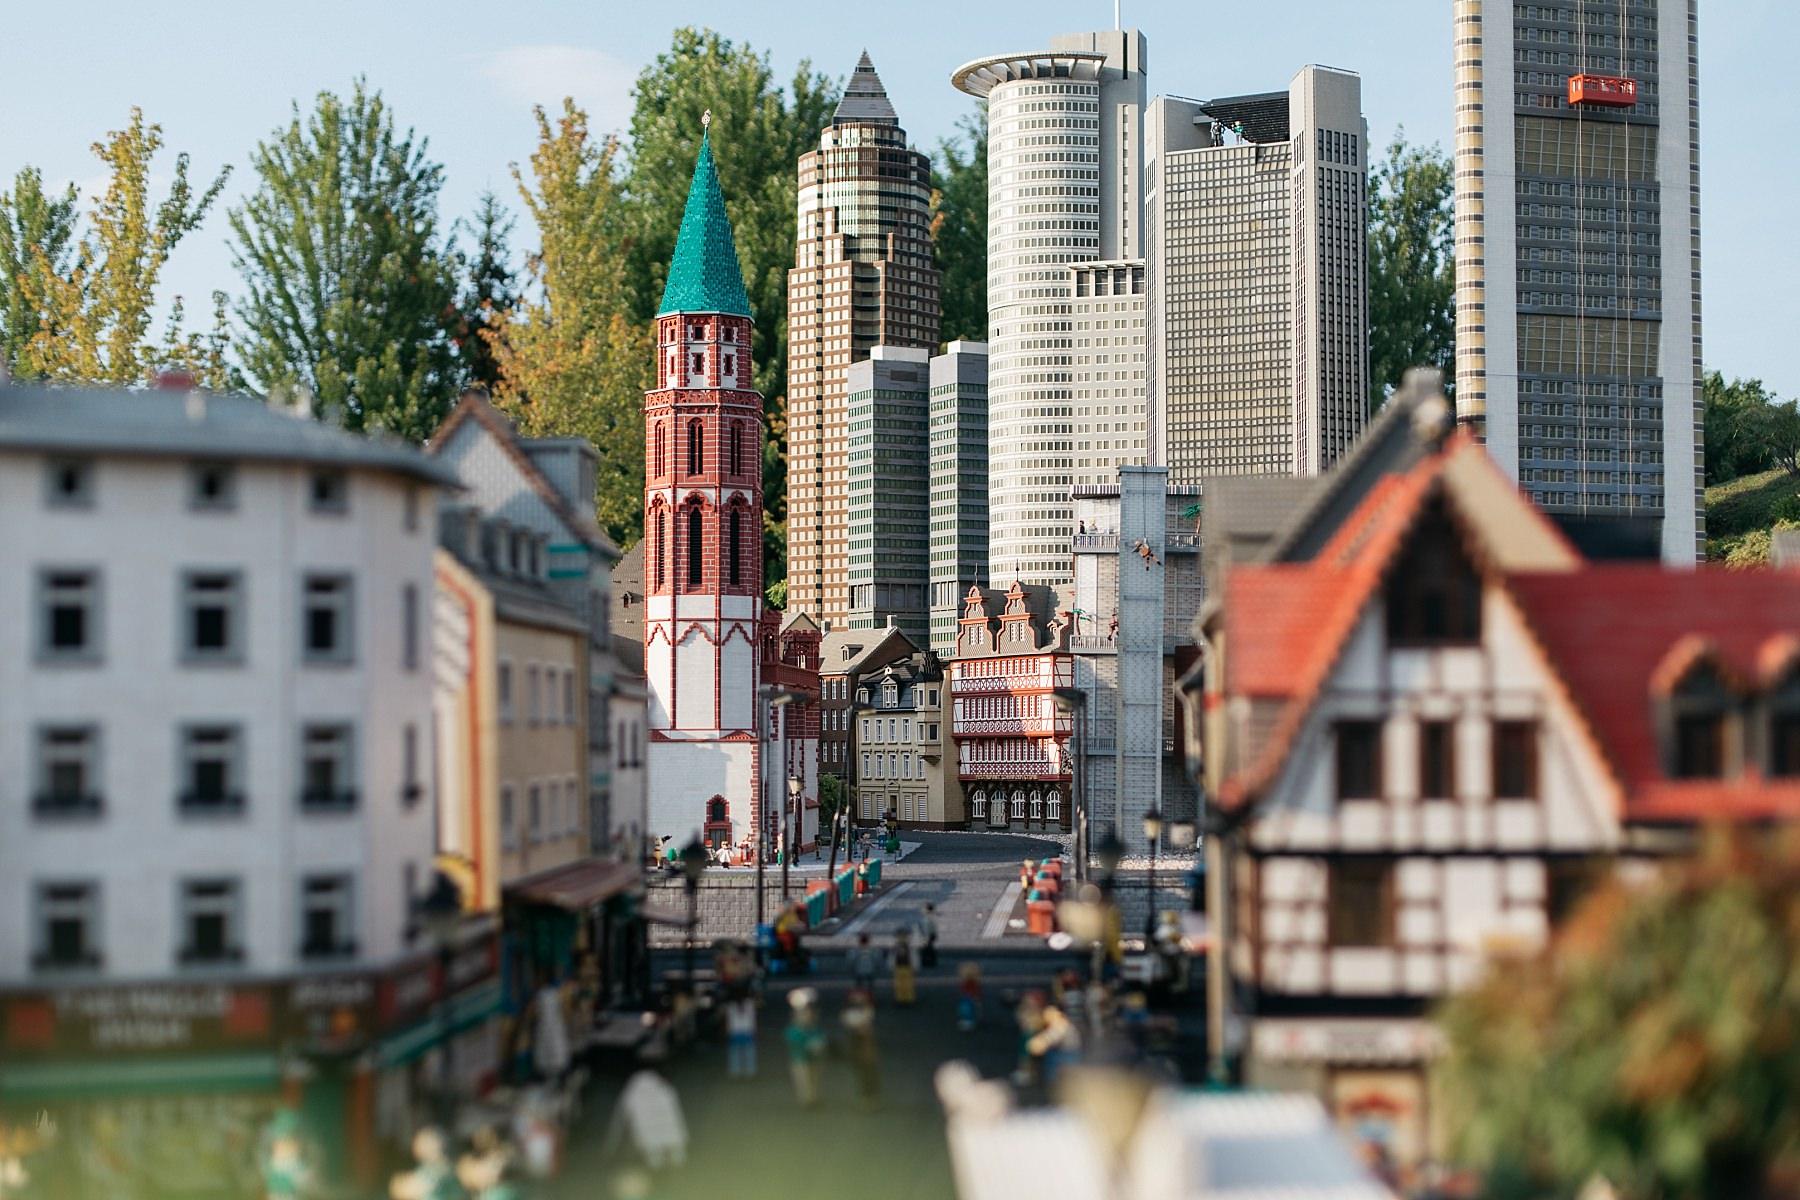 Legoland - 57 millions de briques Lego 22